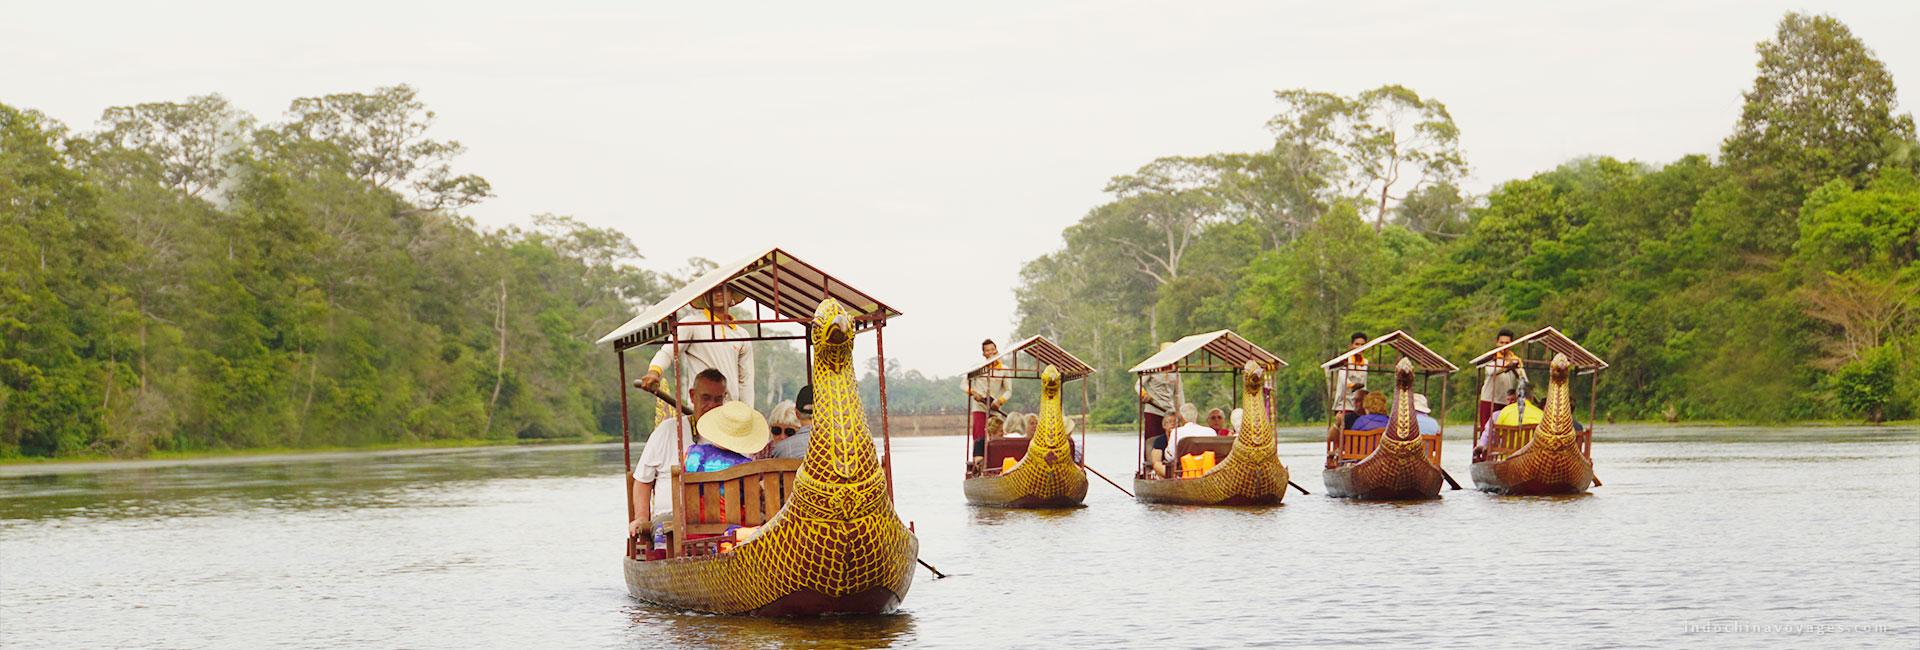 Grand Cambodia 16 Days